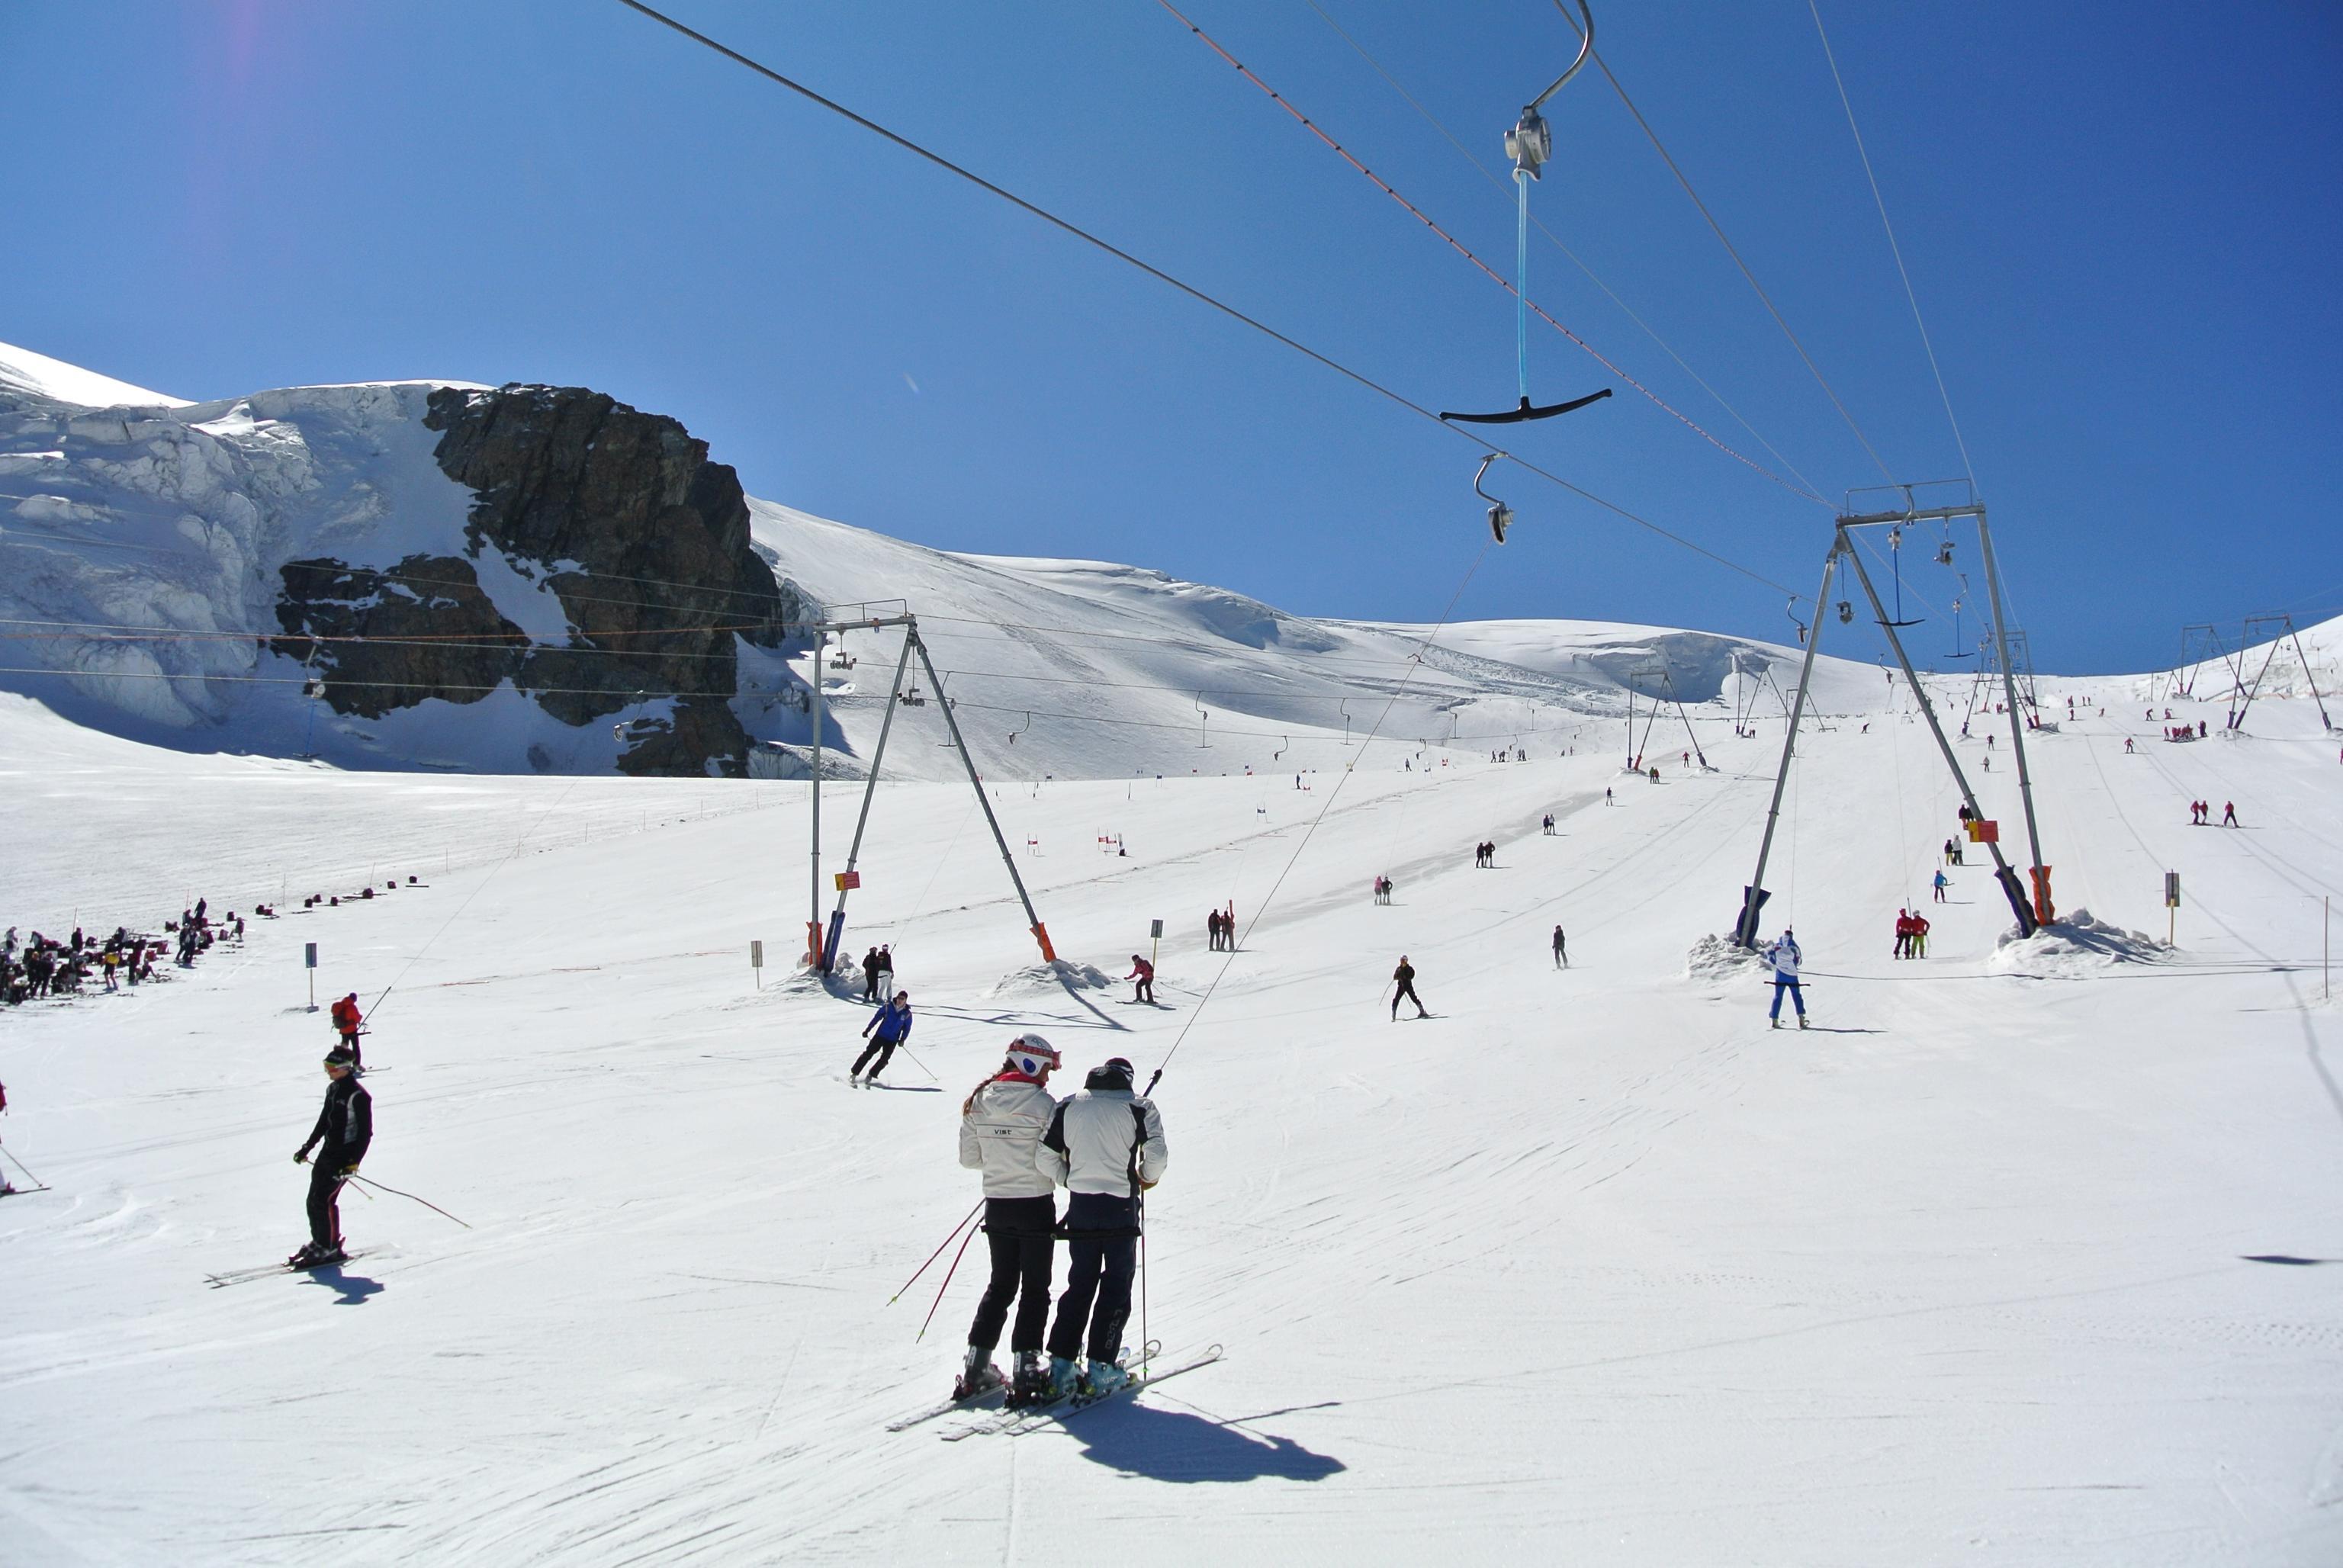 Turismo, traina la voglia di montagna